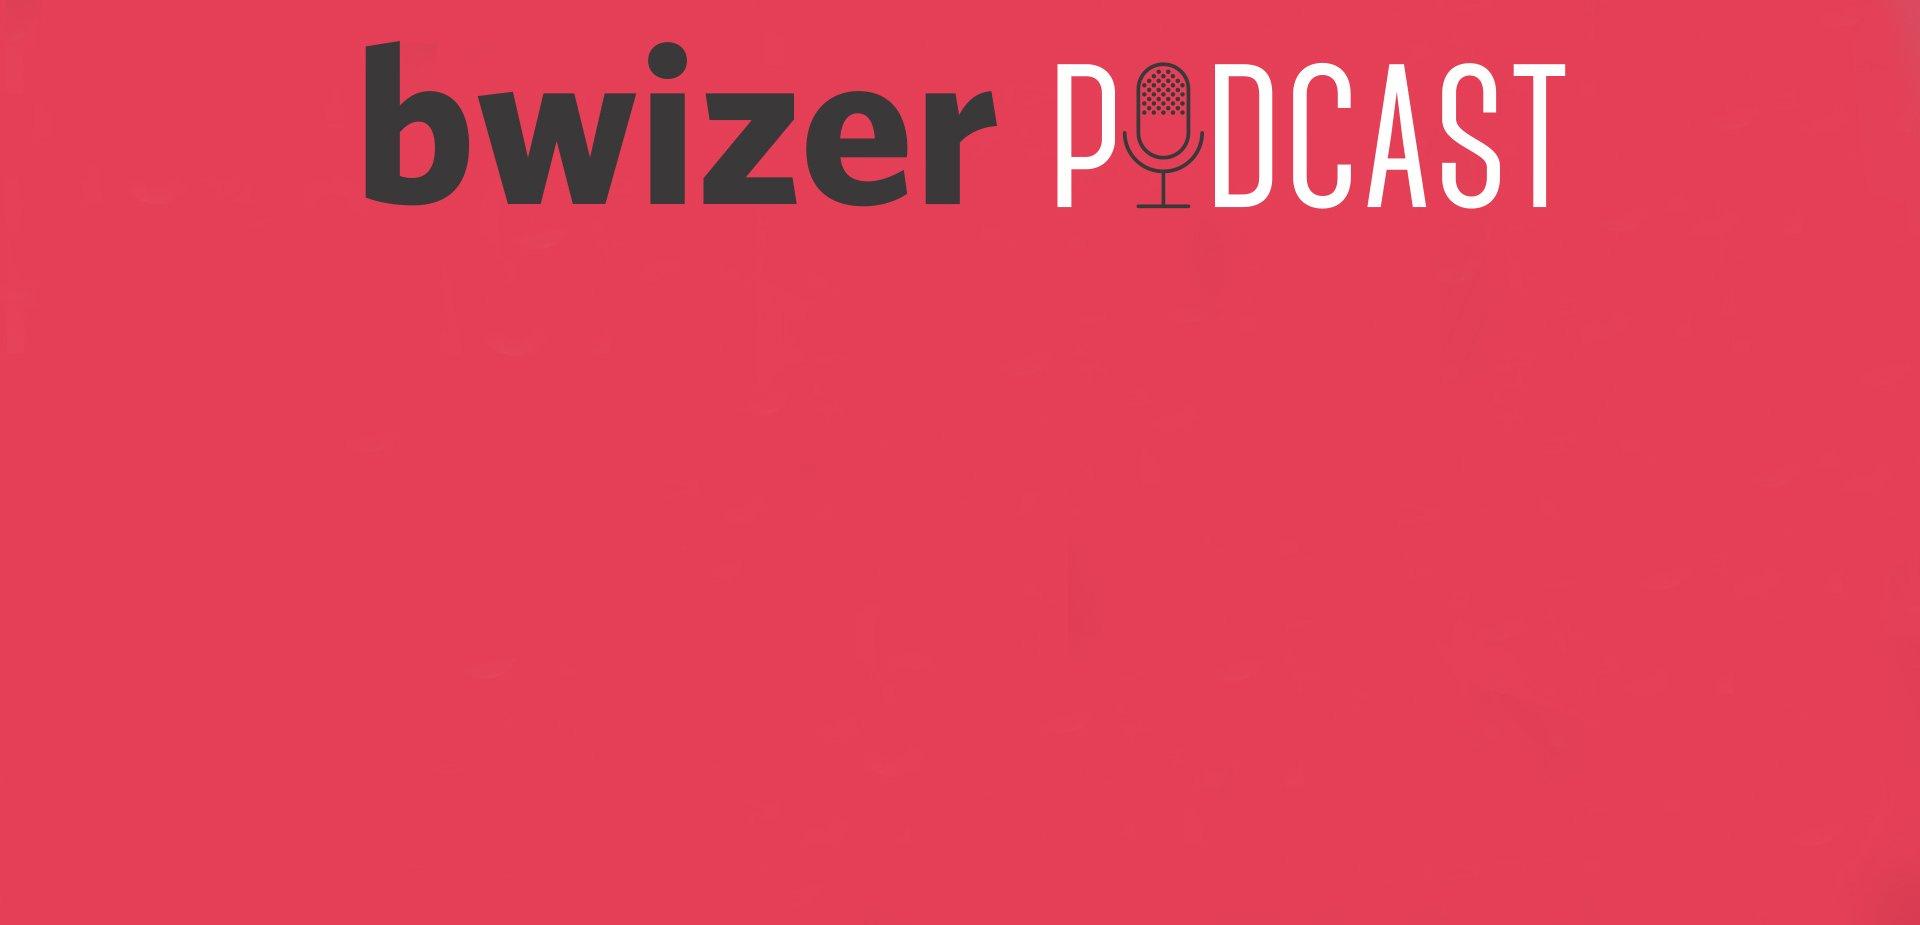 Bwizer Podcast | Episódio 17: Ricardo Vidal e Sérgio Frade